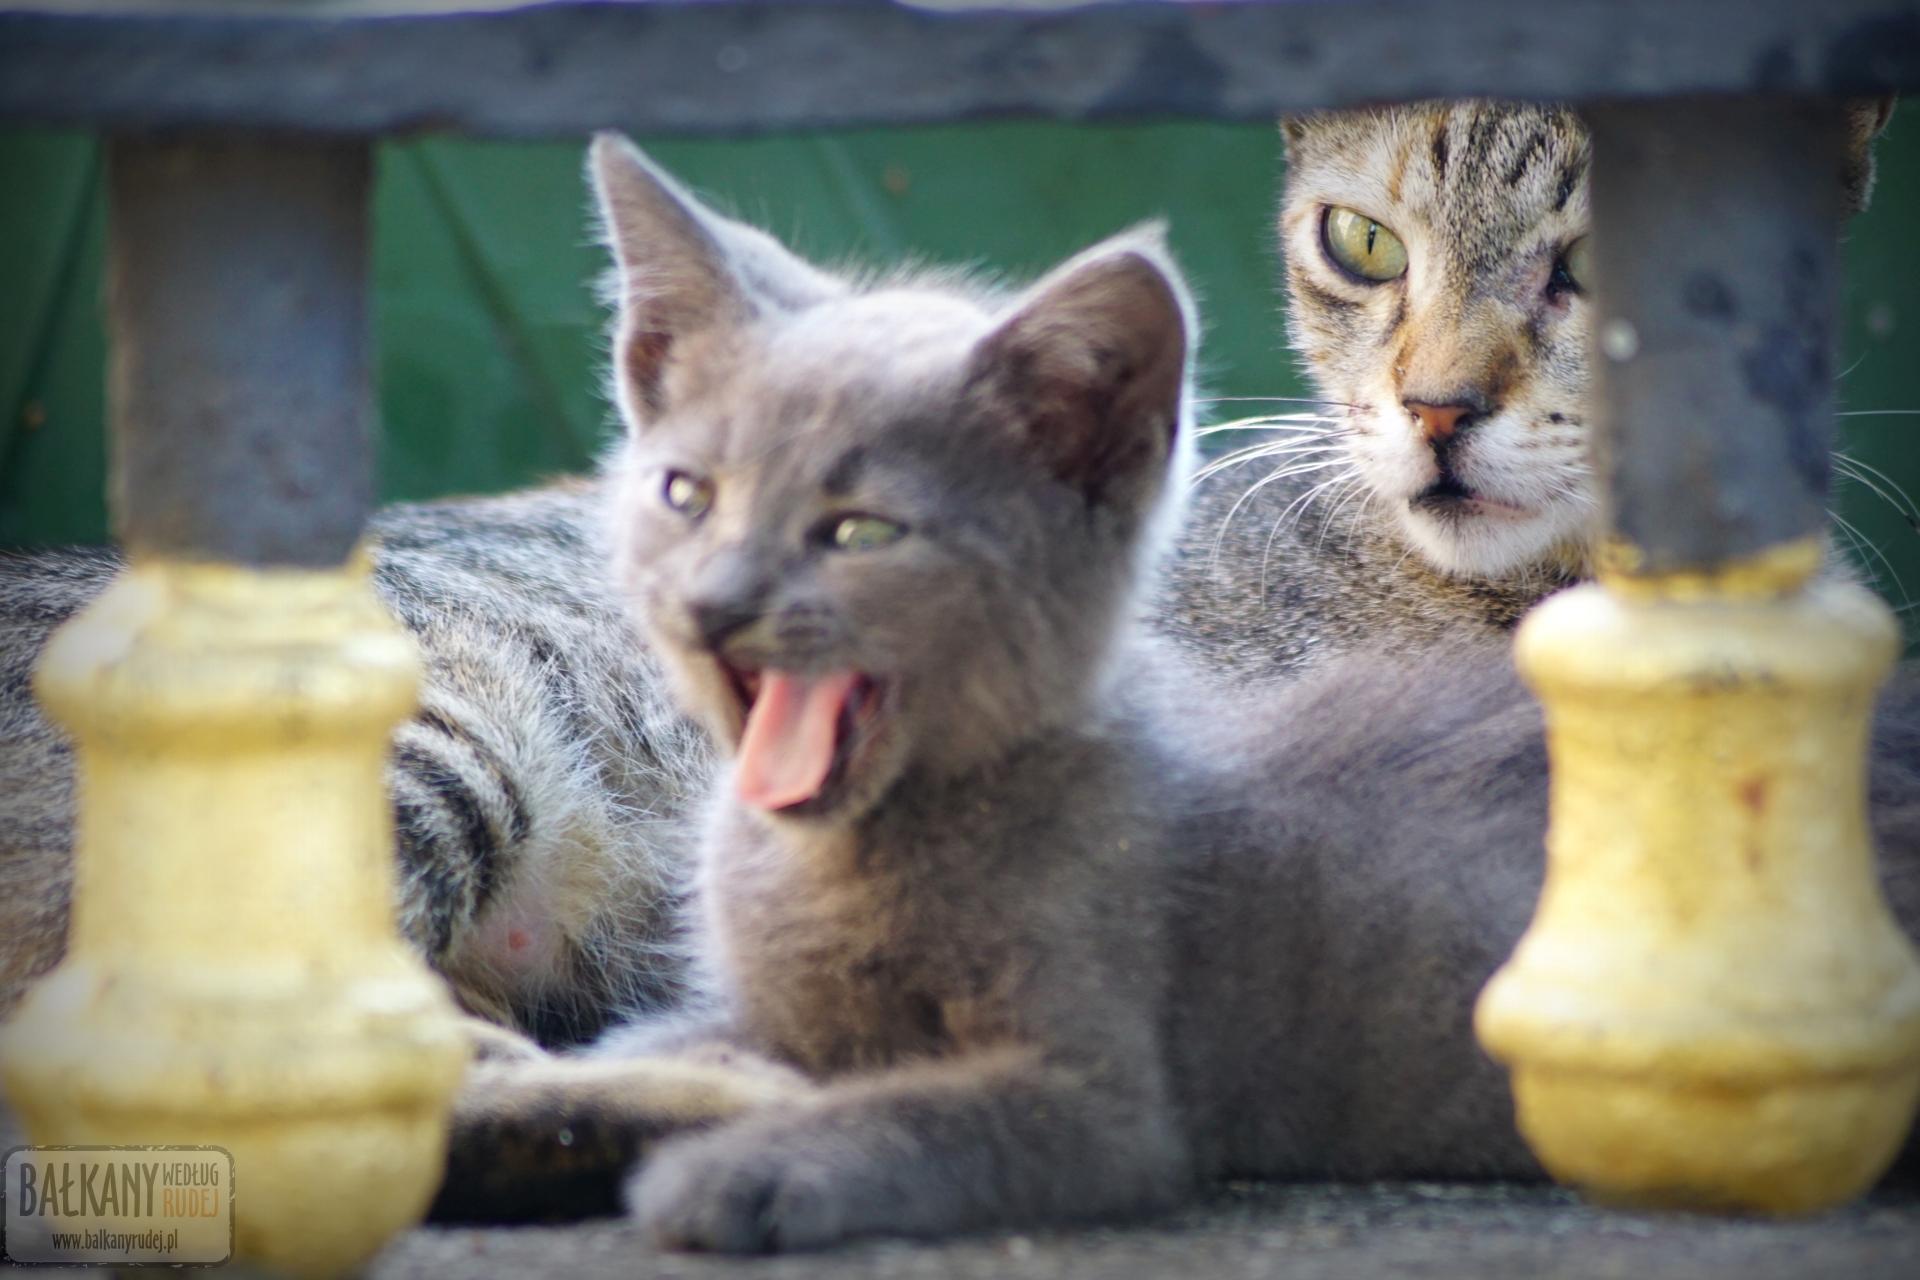 Koty Stambuł